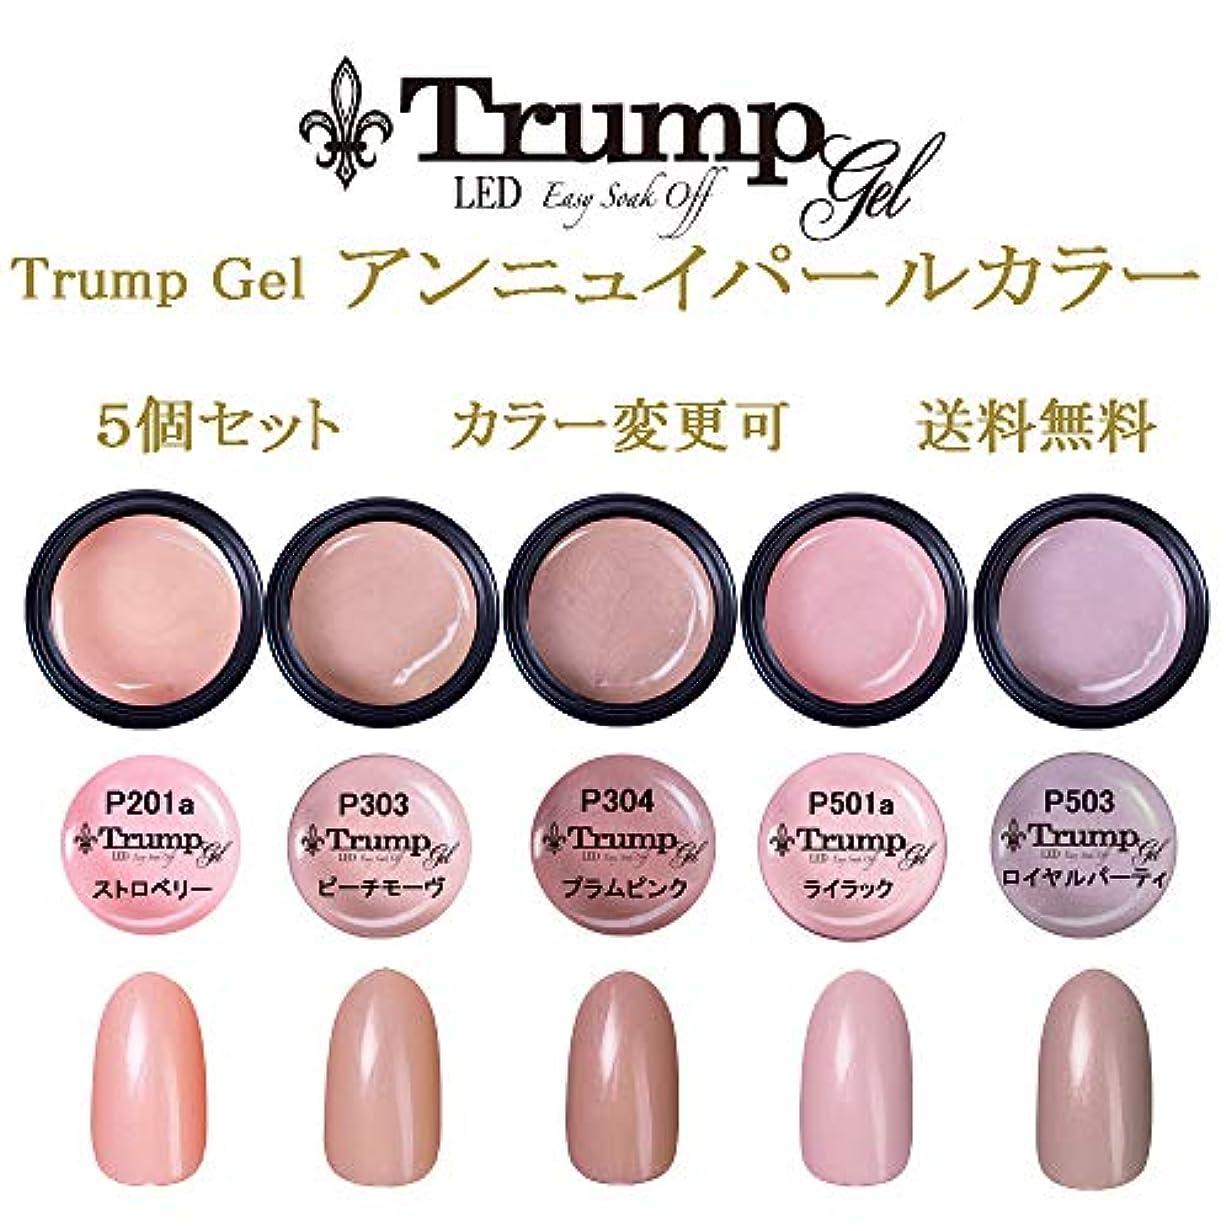 補助アジア人スケジュール日本製 Trump gel トランプジェル アンニュイ パール 選べる カラージェル 5個セット ピンク ベージュ パープル